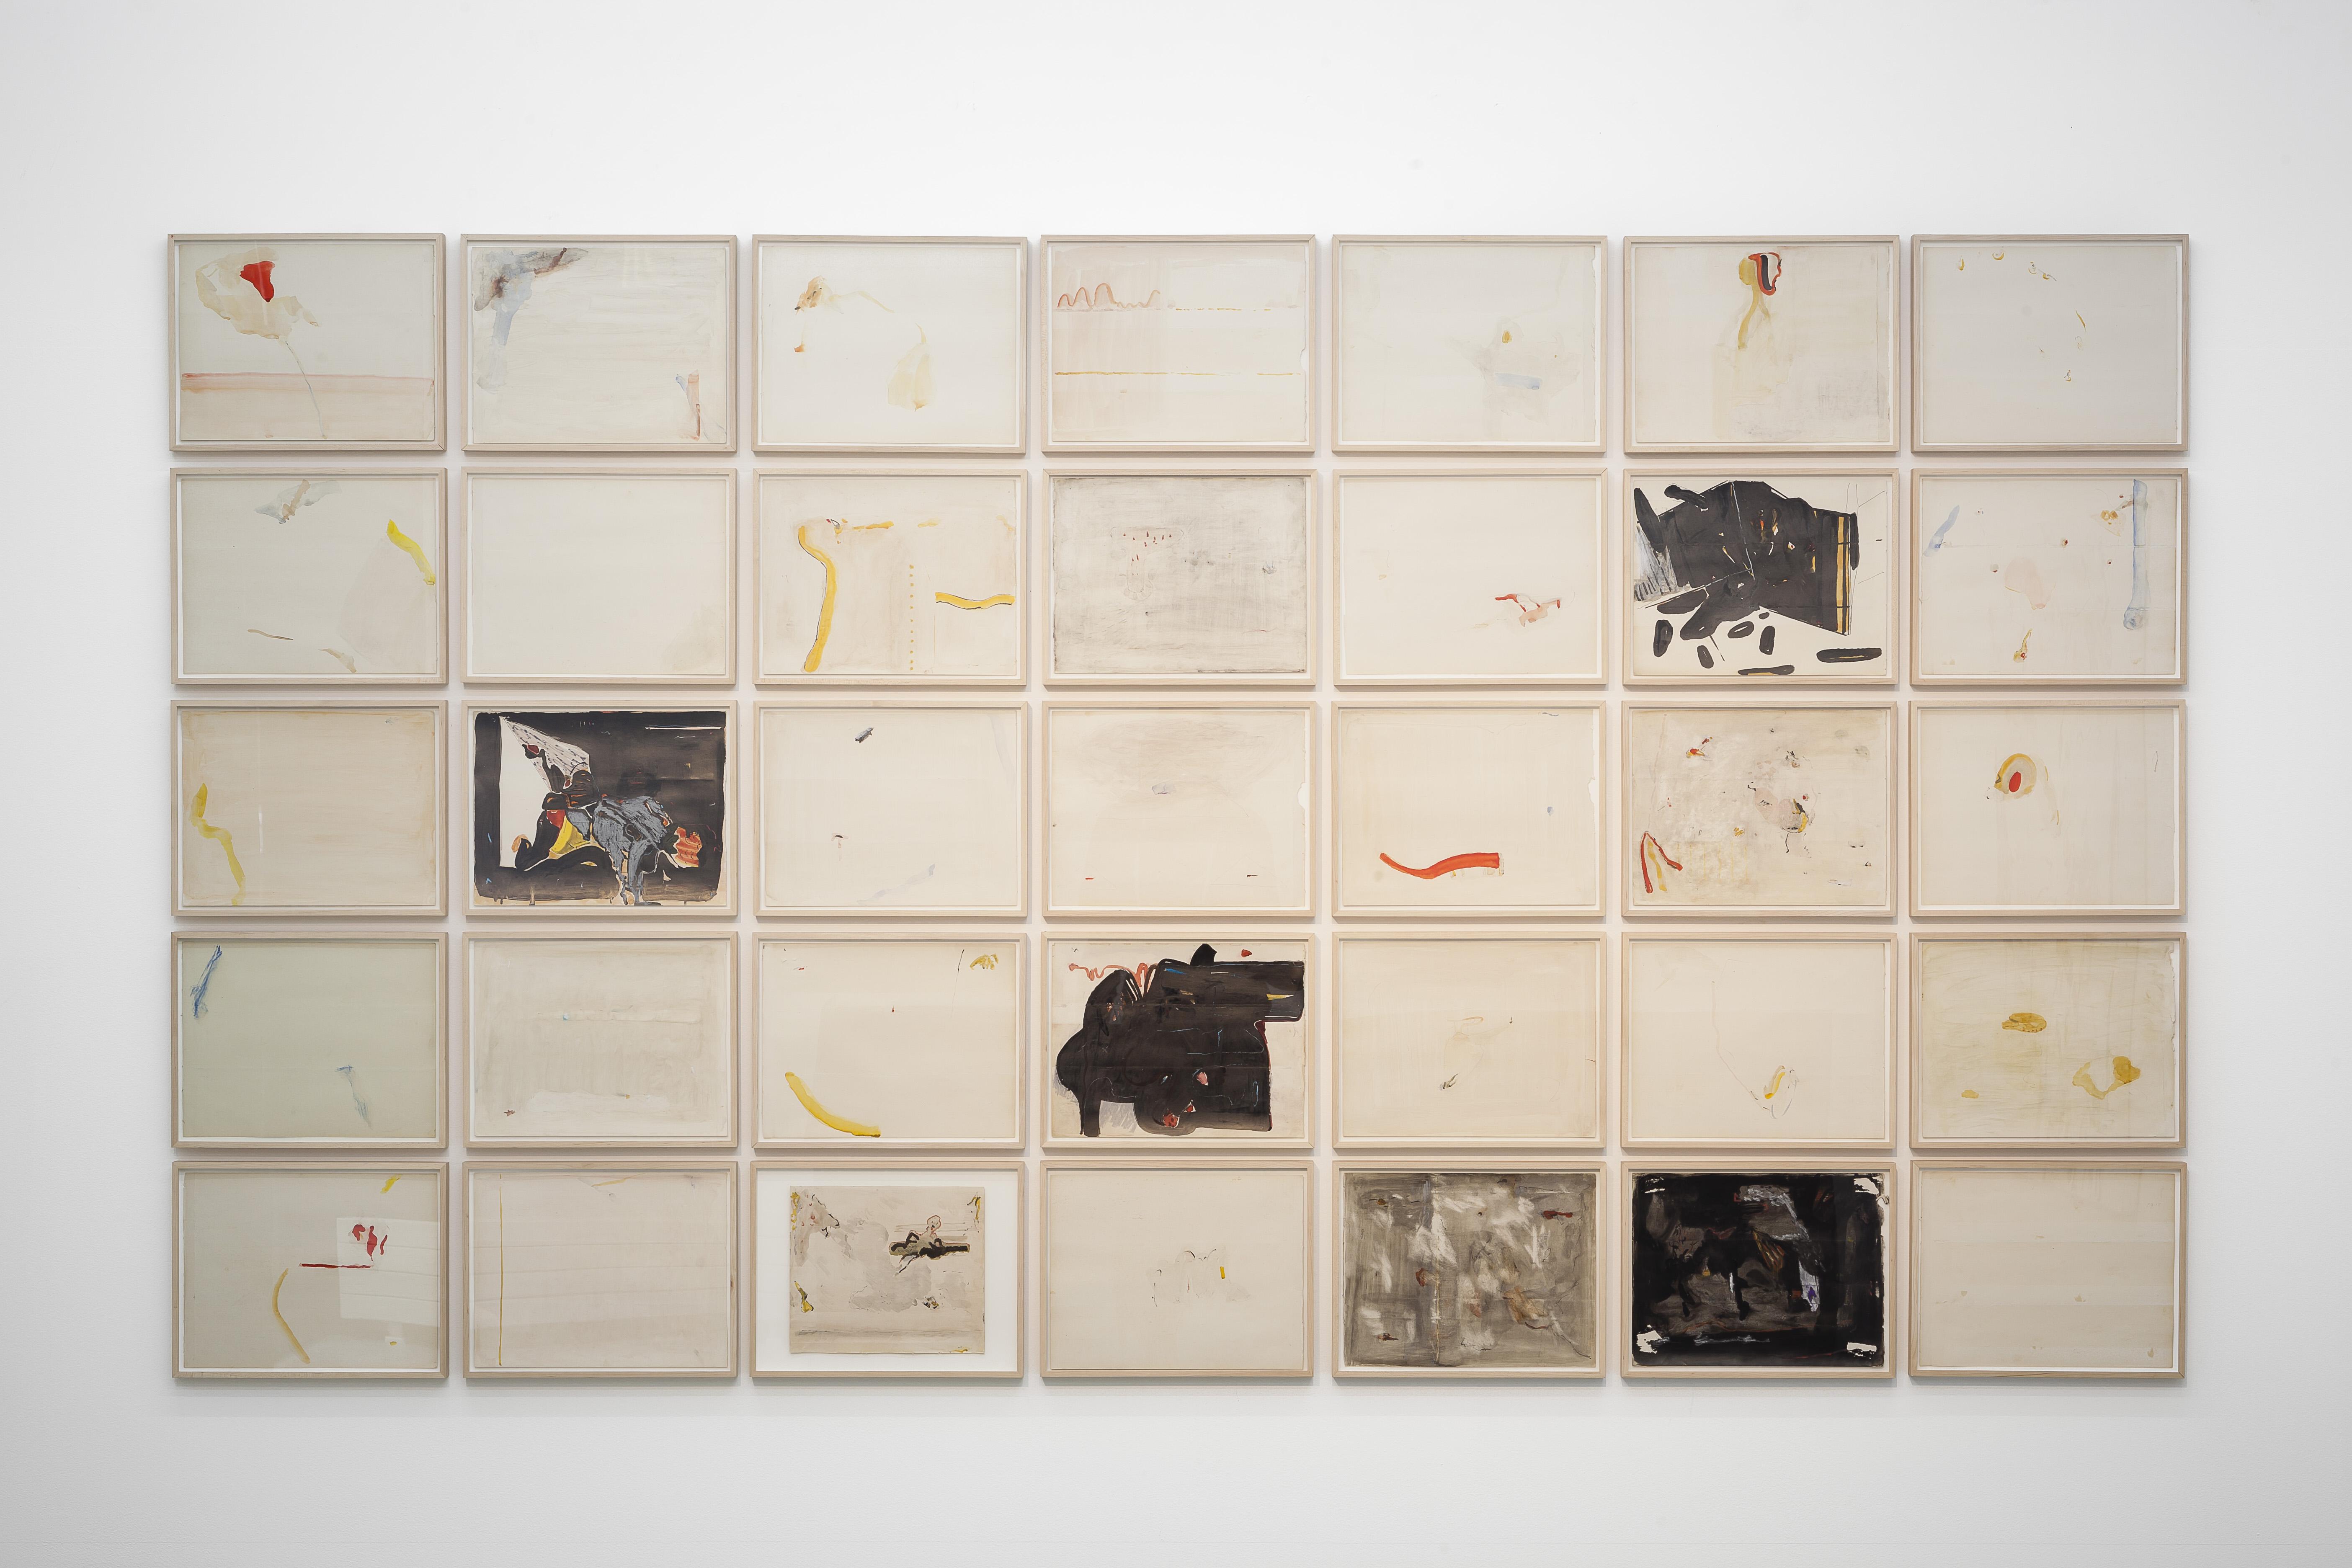 Shen Han, Galerie Paris-Beijing